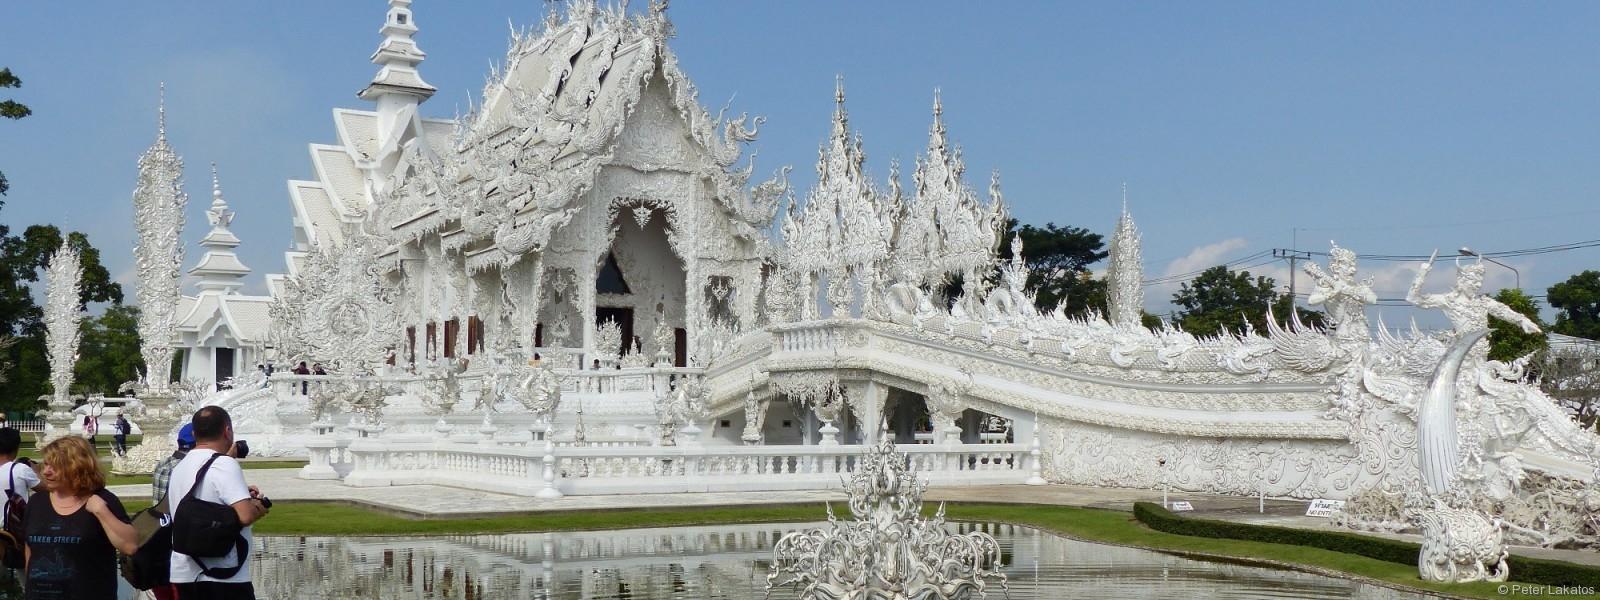 Sehenswürdigkeiten um Chiang Mai